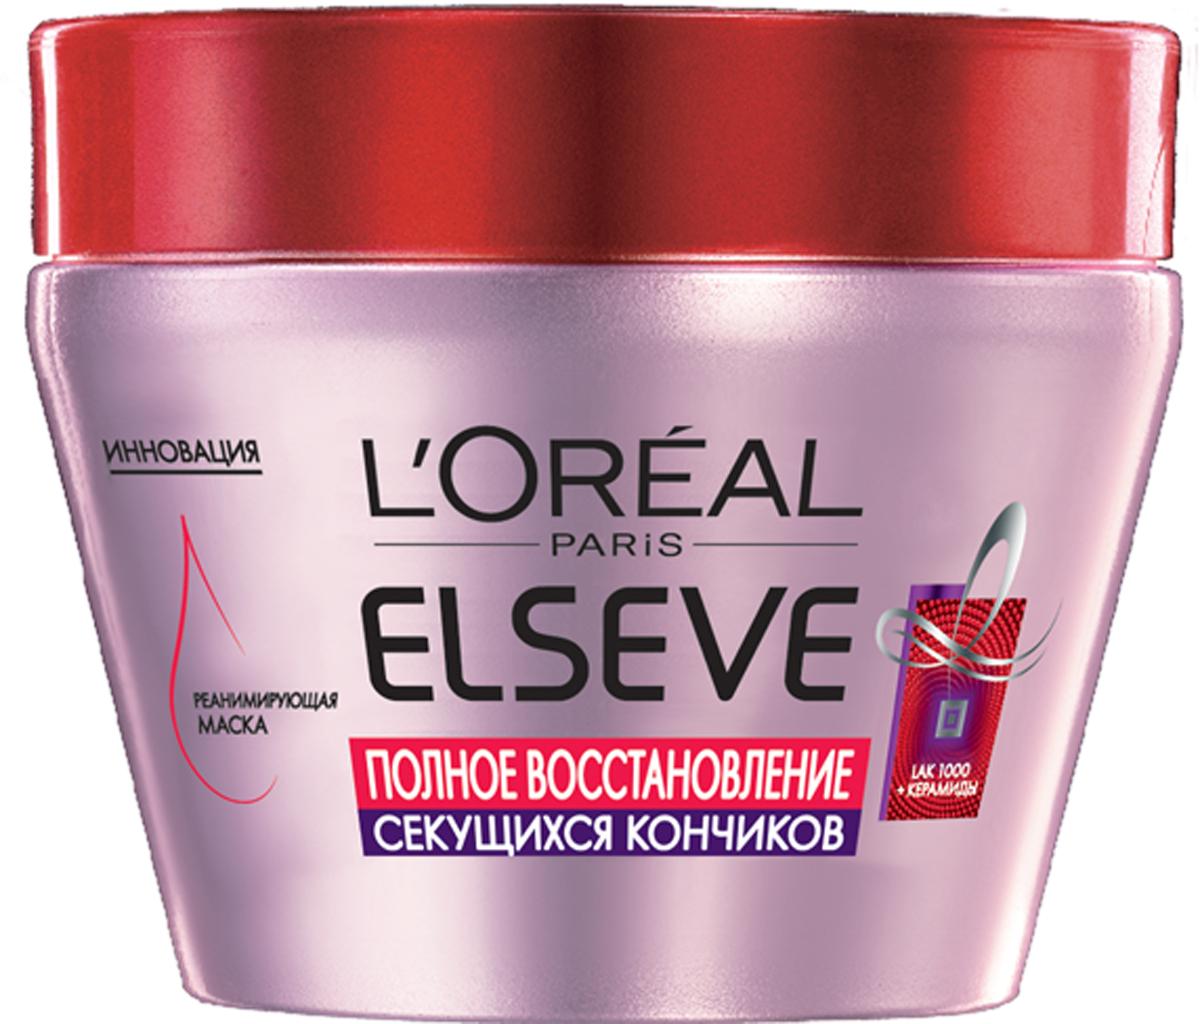 LOreal Paris Elseve Маска для волос Эльсев, Полное восстановление секущихся кончиков, 300 млA7032827Новая формула маски обогащена концентратами активных элементов:- LAK1000 действует до сердцевины волоса - на все 10 слоев, восстанавливая повреждения внутренней структуры волоса, устраняя причины появления секущихся кончиков.- Керамиды действуют на самые кончики снаружи, заполняя и запечатывая поврежденные участки.